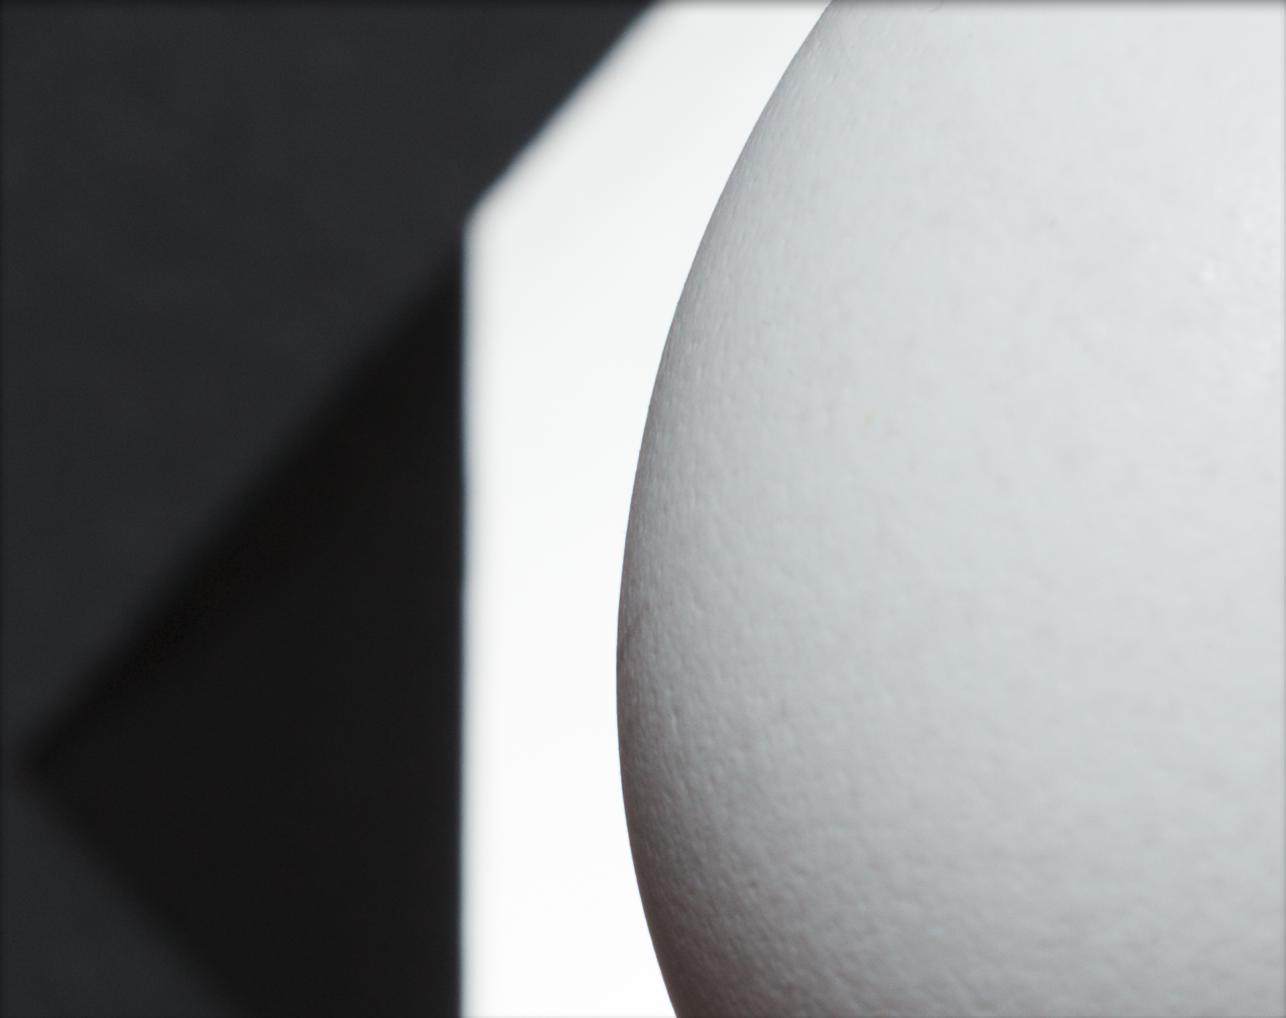 小闪灯布光系列教学 白底上的白鸡蛋 + 摄影师一秒去背的秘密 / PS去背教学